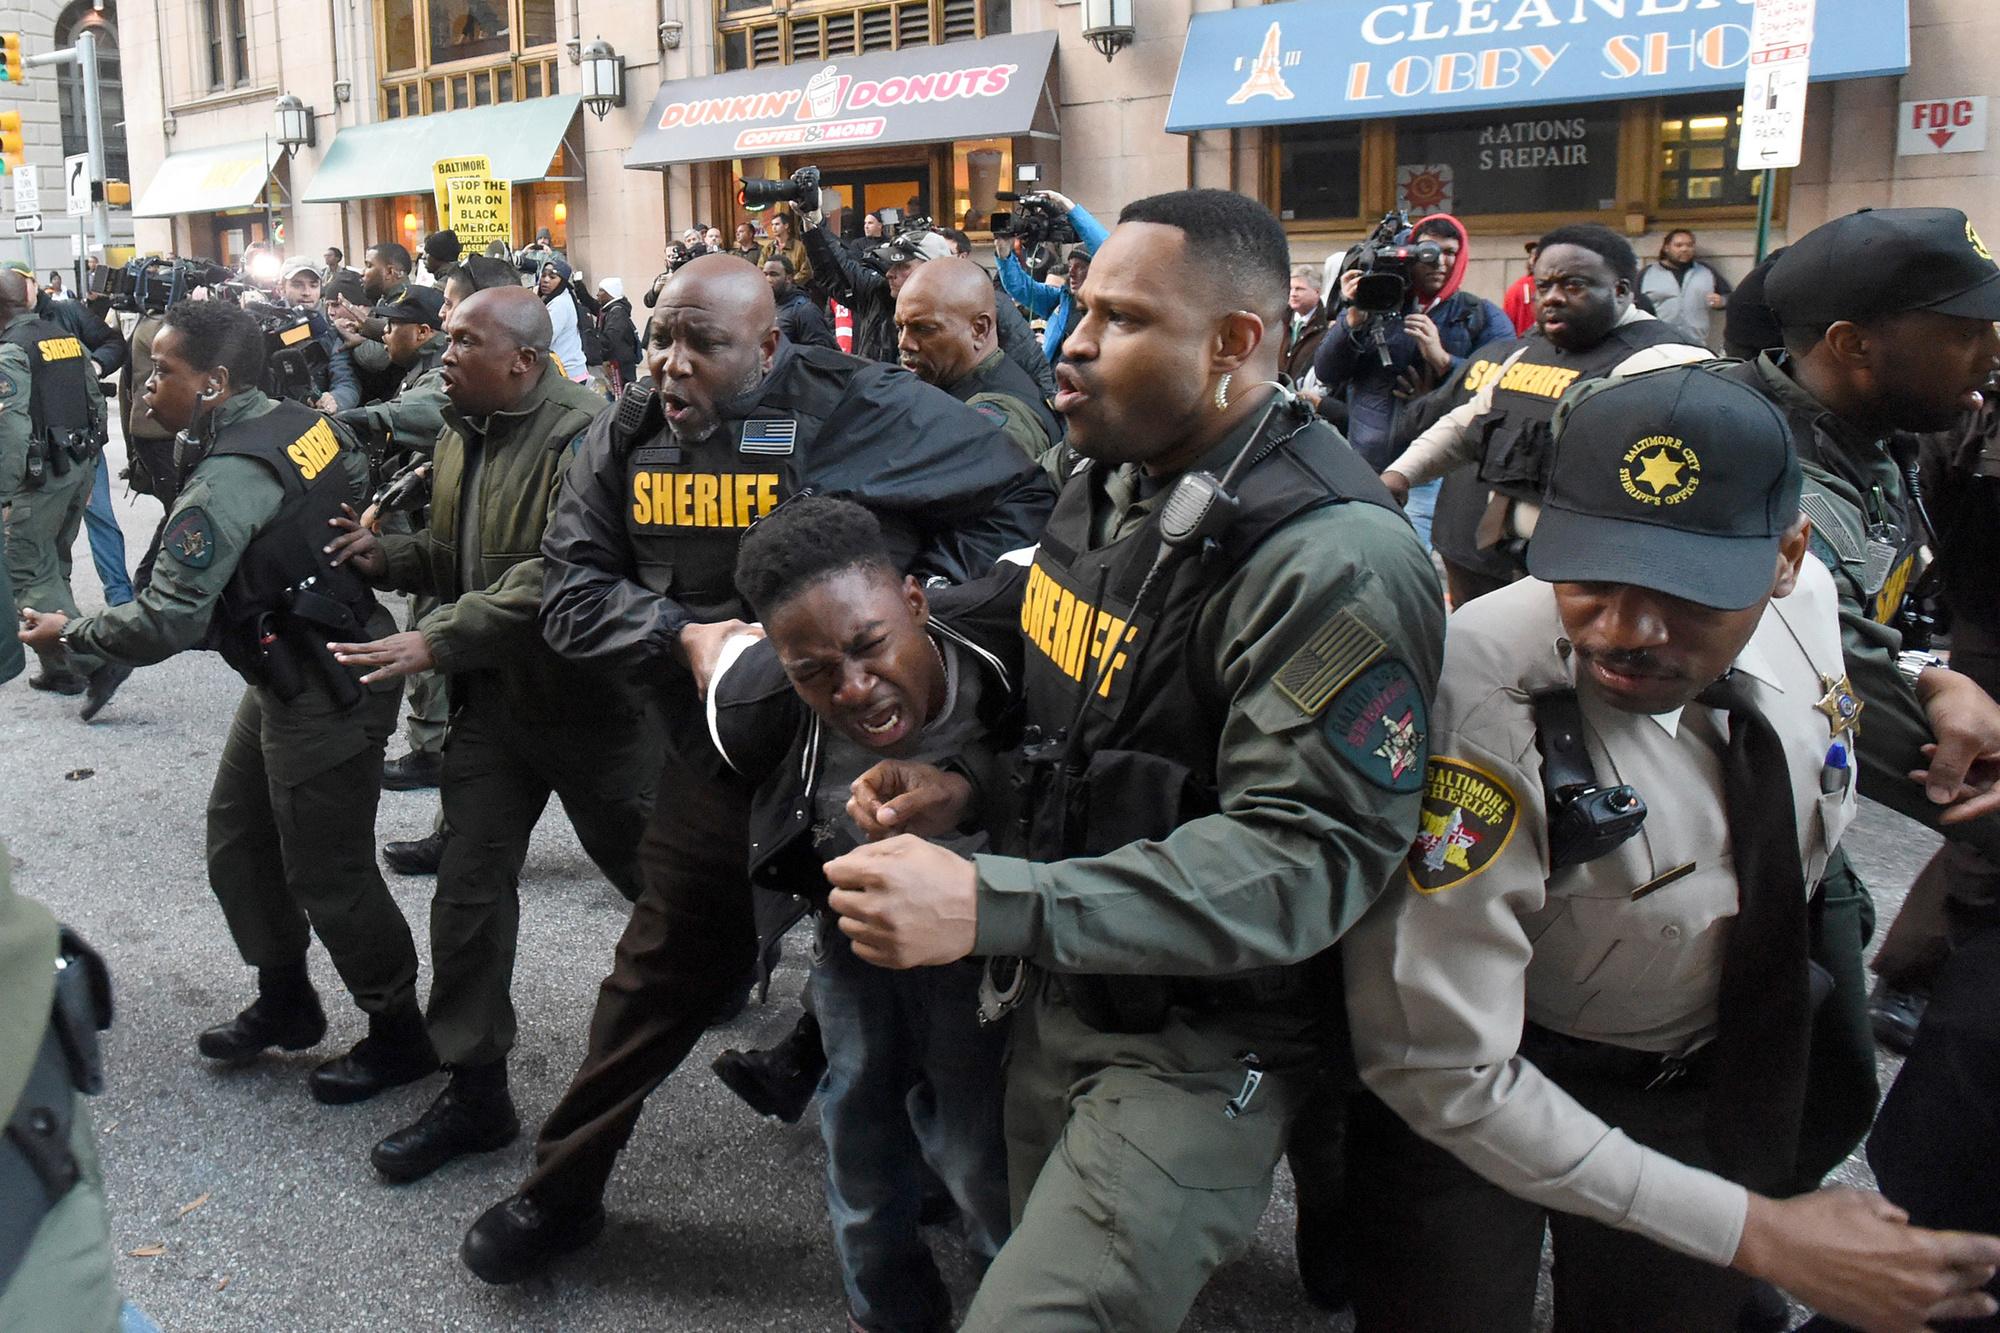 De politie nam de relschoppers hardhandig aan, GETTY